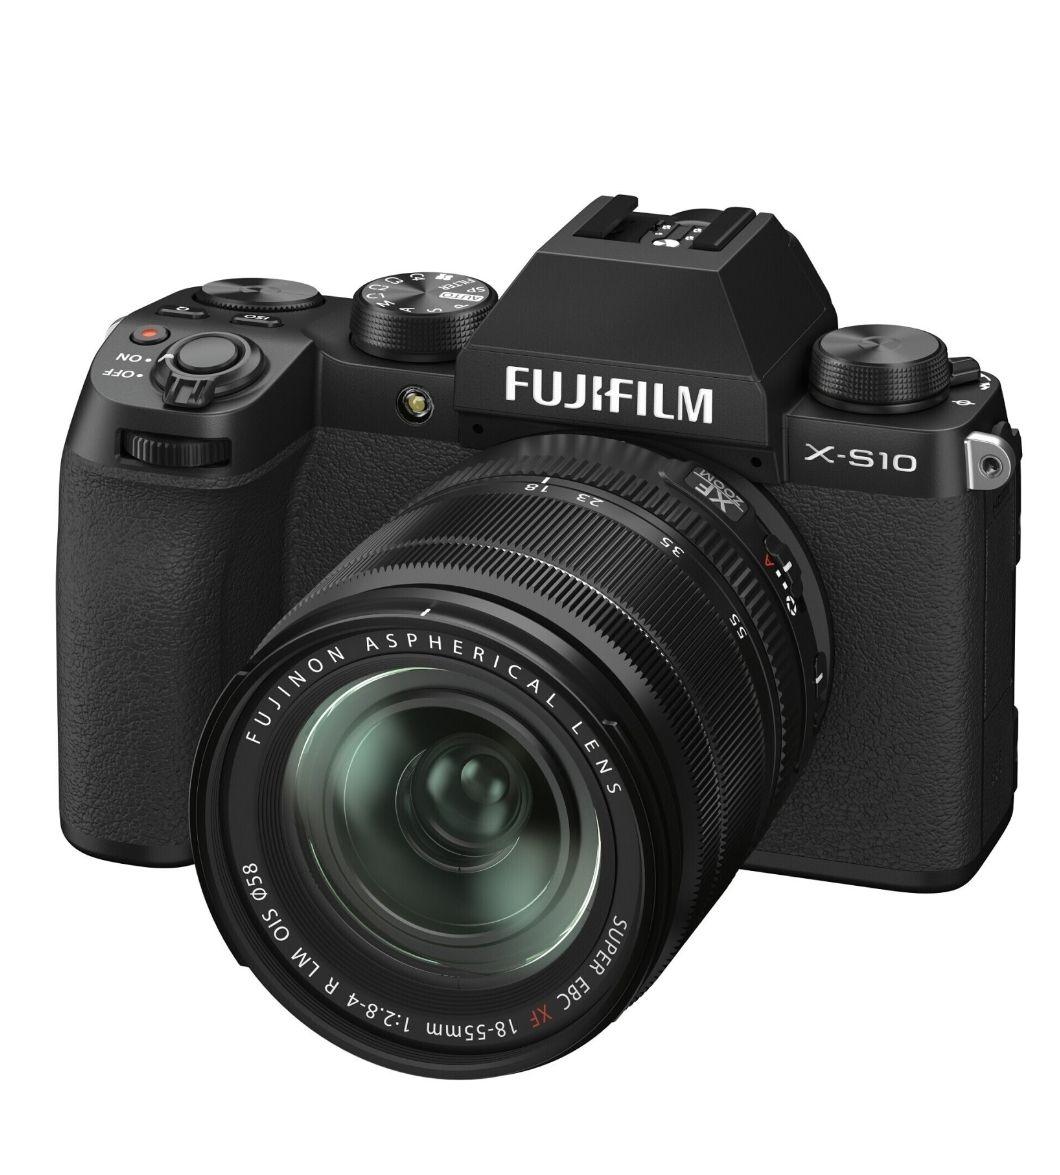 FUJIFILM X-S10 INKL. XF 18-55MM 1:2,8-4,0 R LM OIS